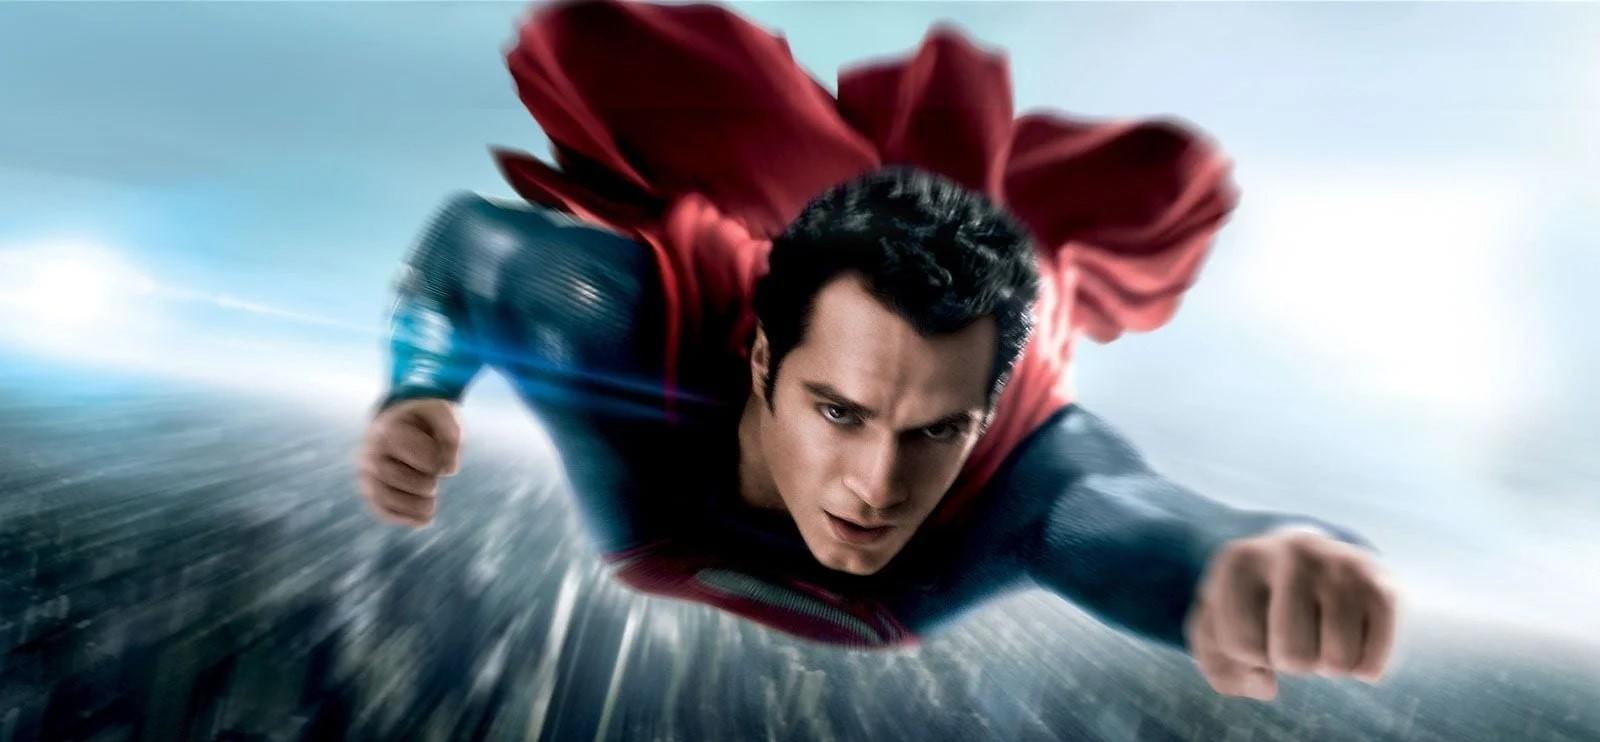 czlowiek-ze-stali-superman-min.jpg